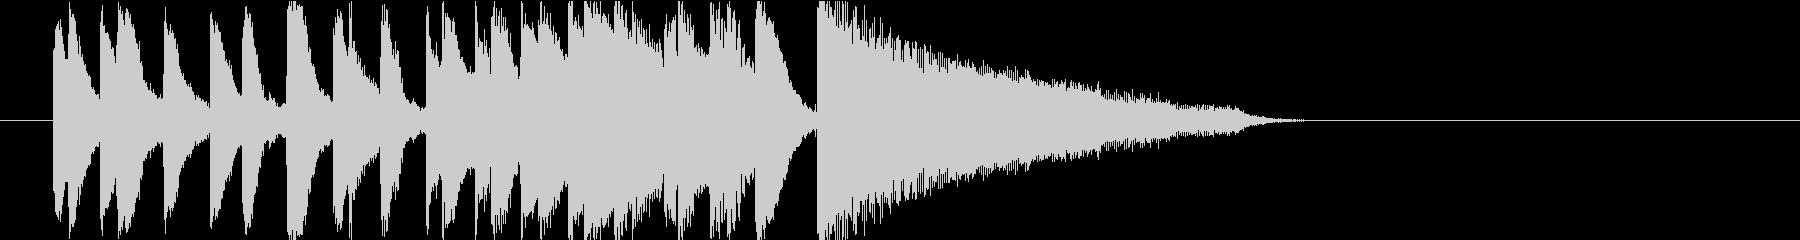 アイキャッチに使える10秒ピアノ・前半の未再生の波形